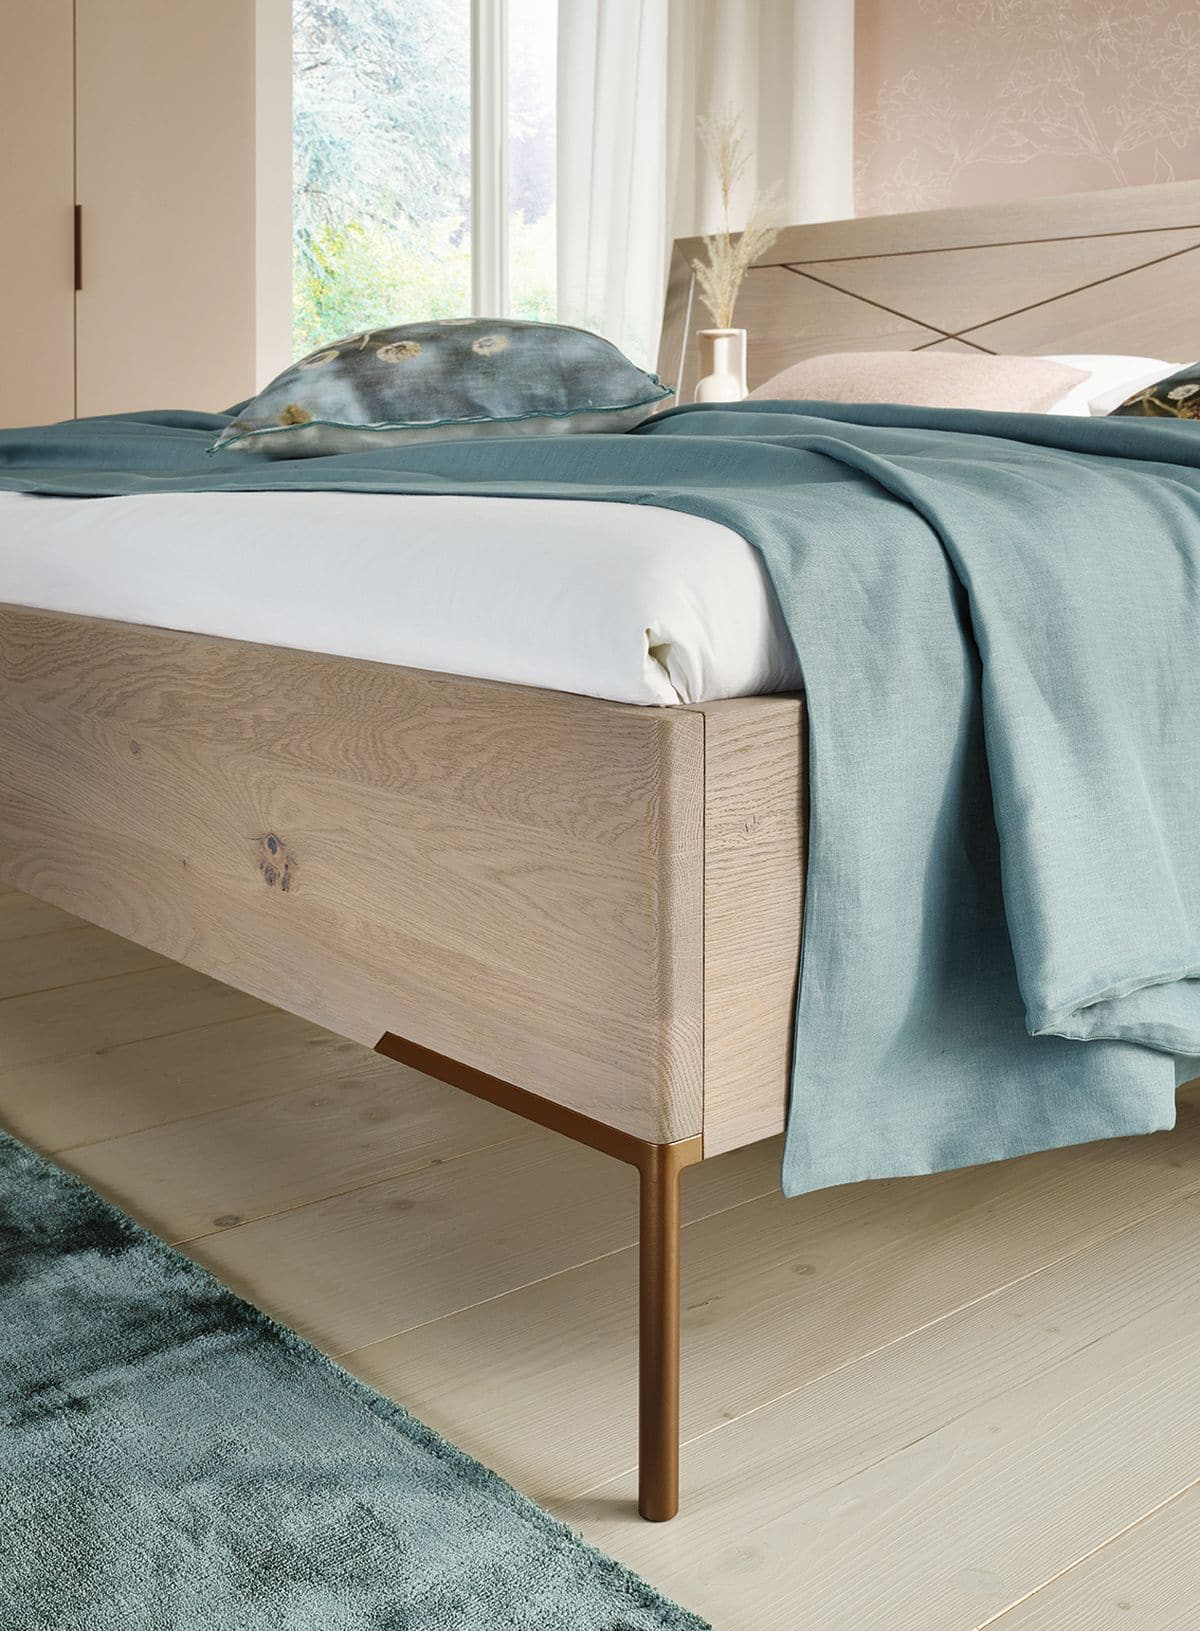 Full Size of Ausgefallene Betten Schlafzimmer Leno Hartmann Naturmbel Designer Günstige Bei Ikea Nolte Billerbeck Münster Günstig Kaufen 180x200 Luxus Test Ebay Flexa Bett Ausgefallene Betten